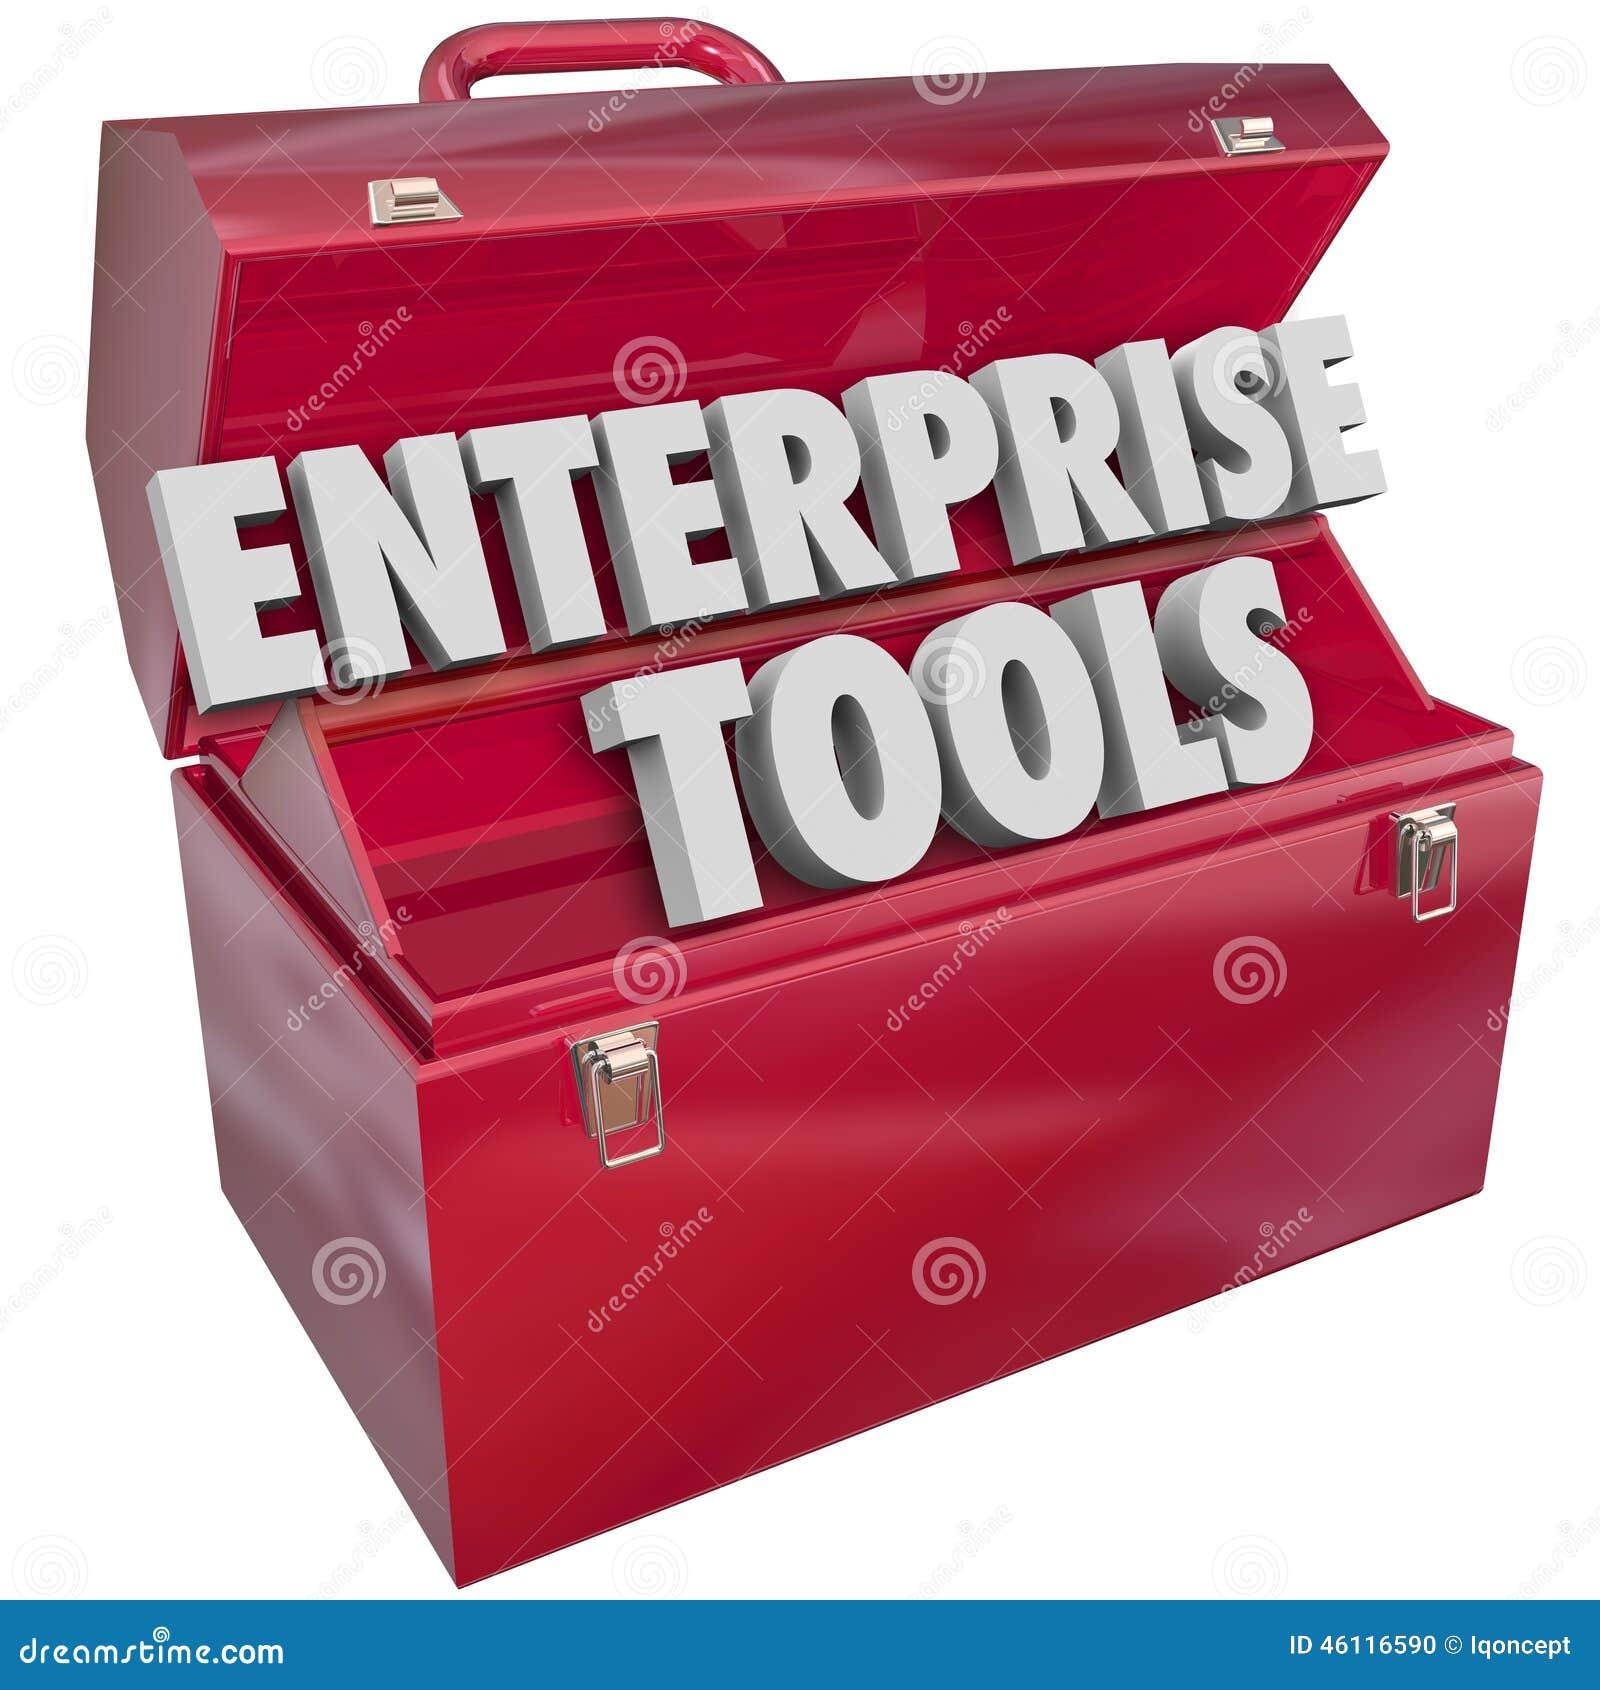 logiciel de gestion d'entreprise app d'enterprise tools red metal